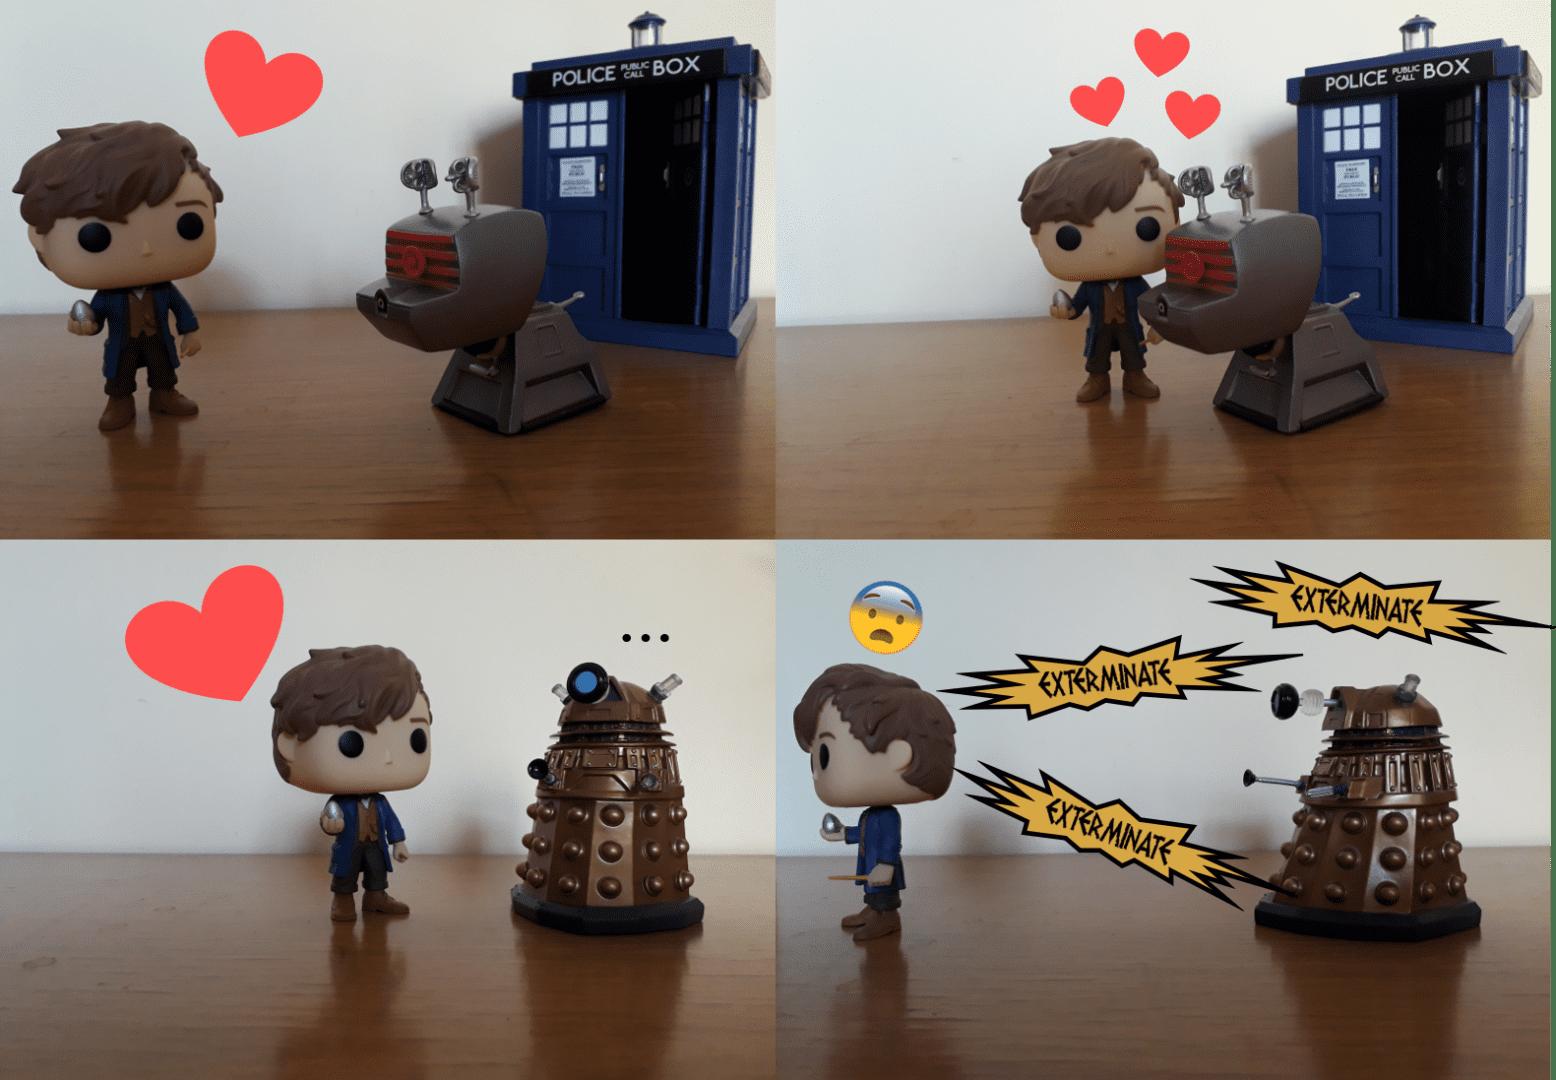 EPISODIO III. Dalek fantastici e... forse sarebbe meglio non trovarli! La guest star della settimana è, ovviamente, Newt Scamander!